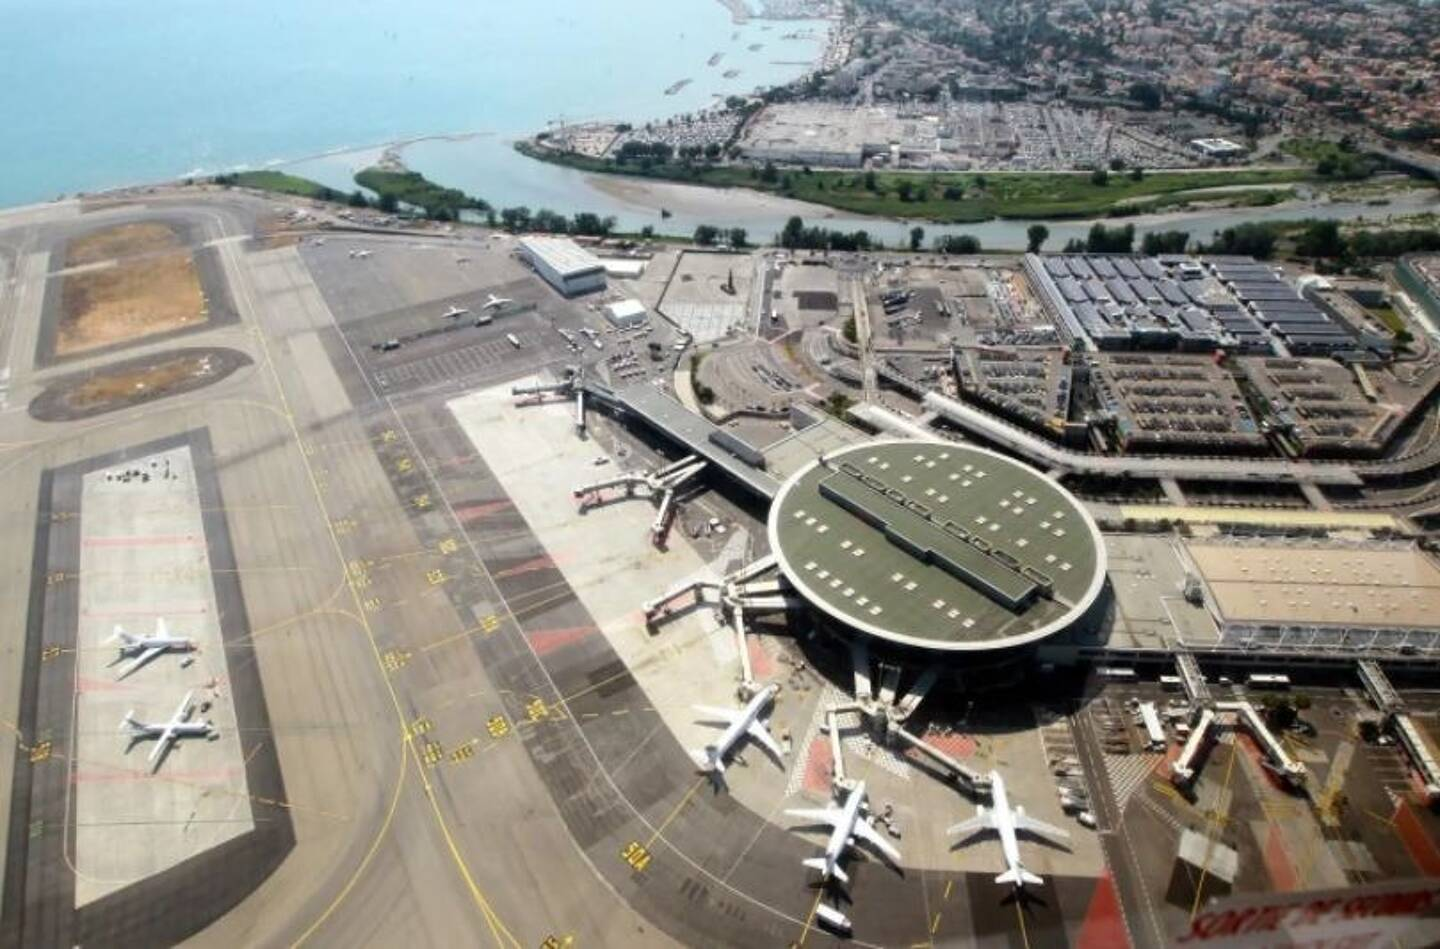 Vue aérienne de l'aéroport de Nice.